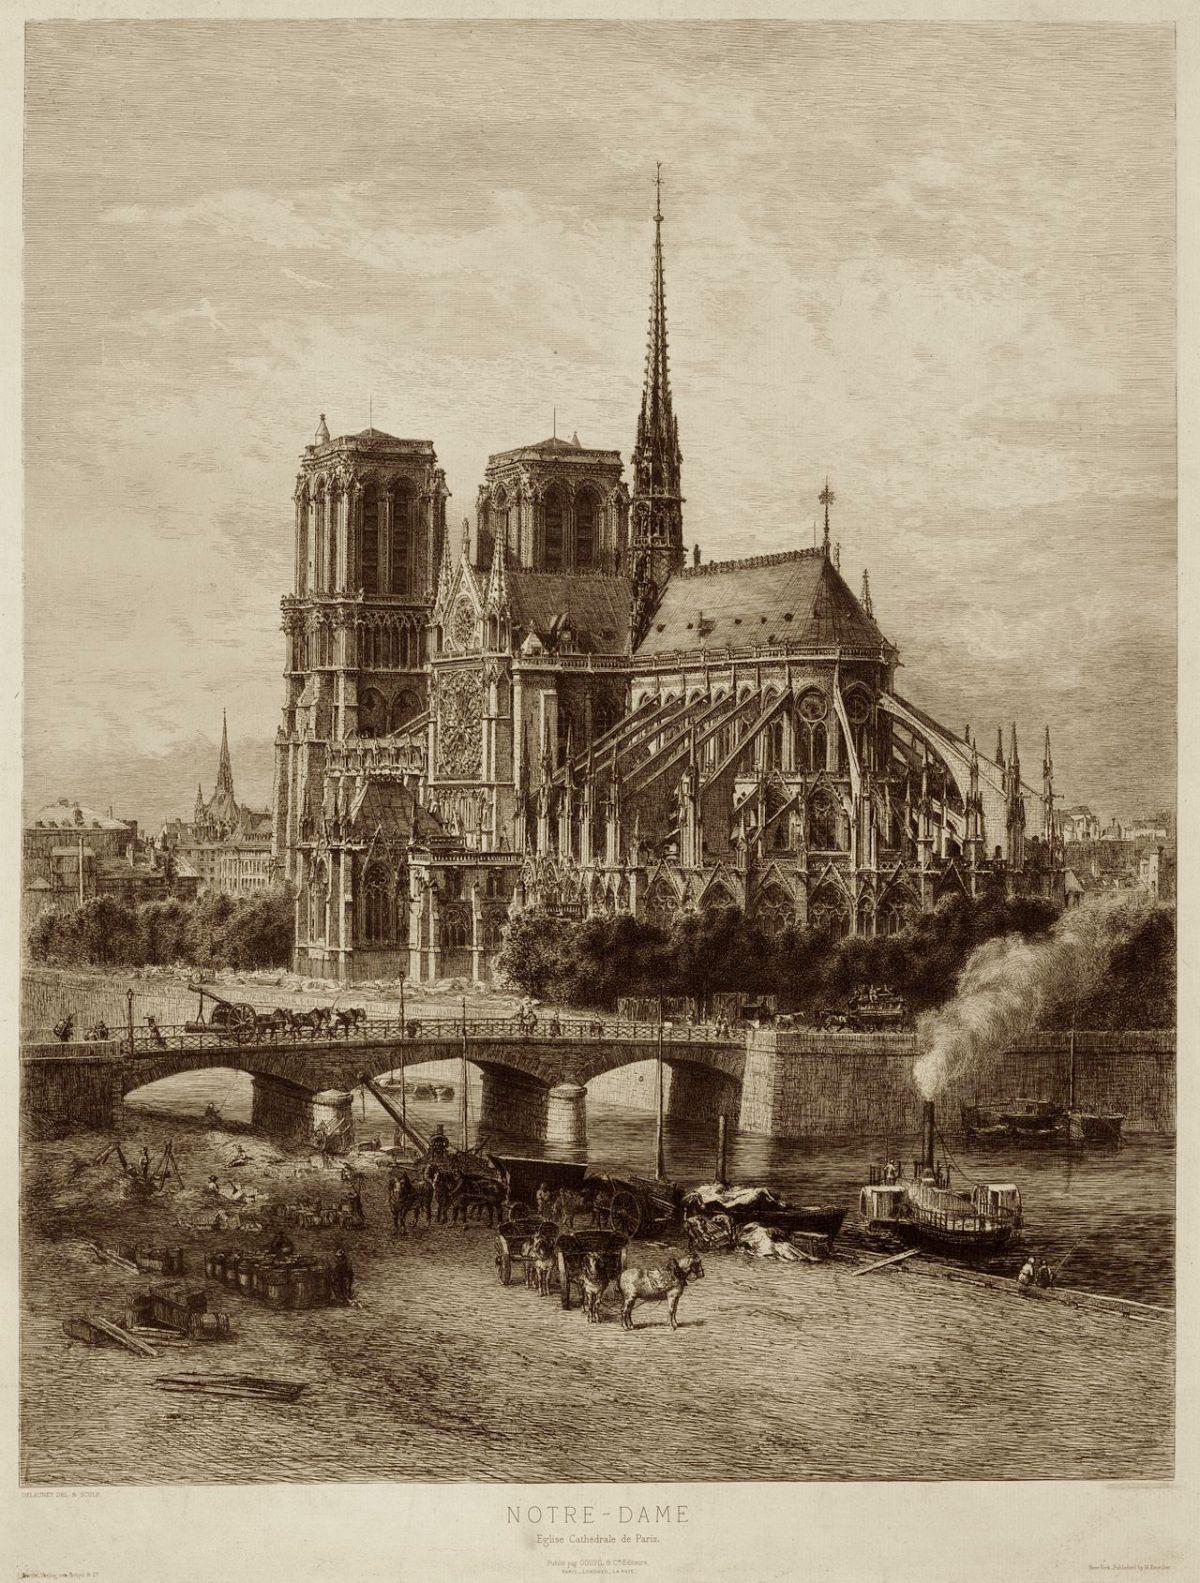 1280px-Notre-Dame_-_Eglise_Cathédrale_de_Paris_2